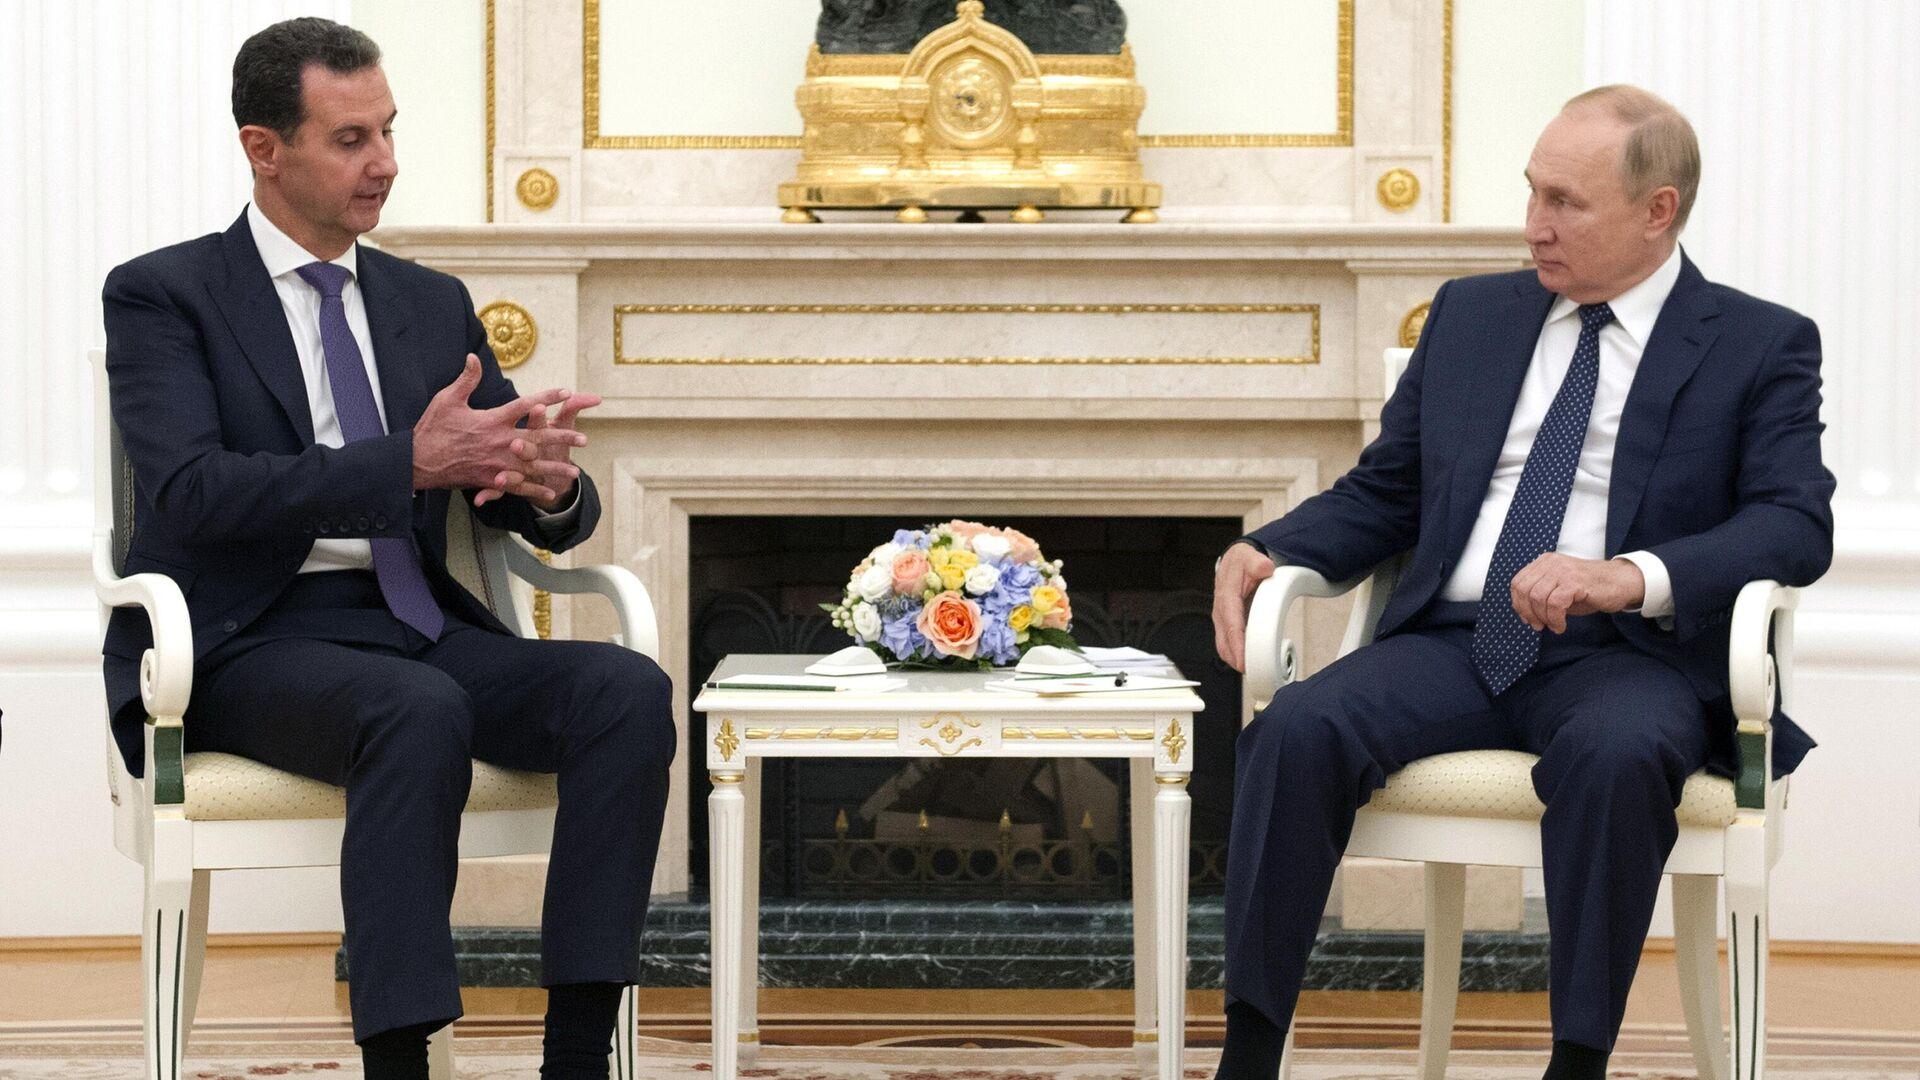 Vstrecha prezidenta RF V. Putina s prezidentom Sirii B. Asadom - Sputnik Oʻzbekiston, 1920, 14.09.2021